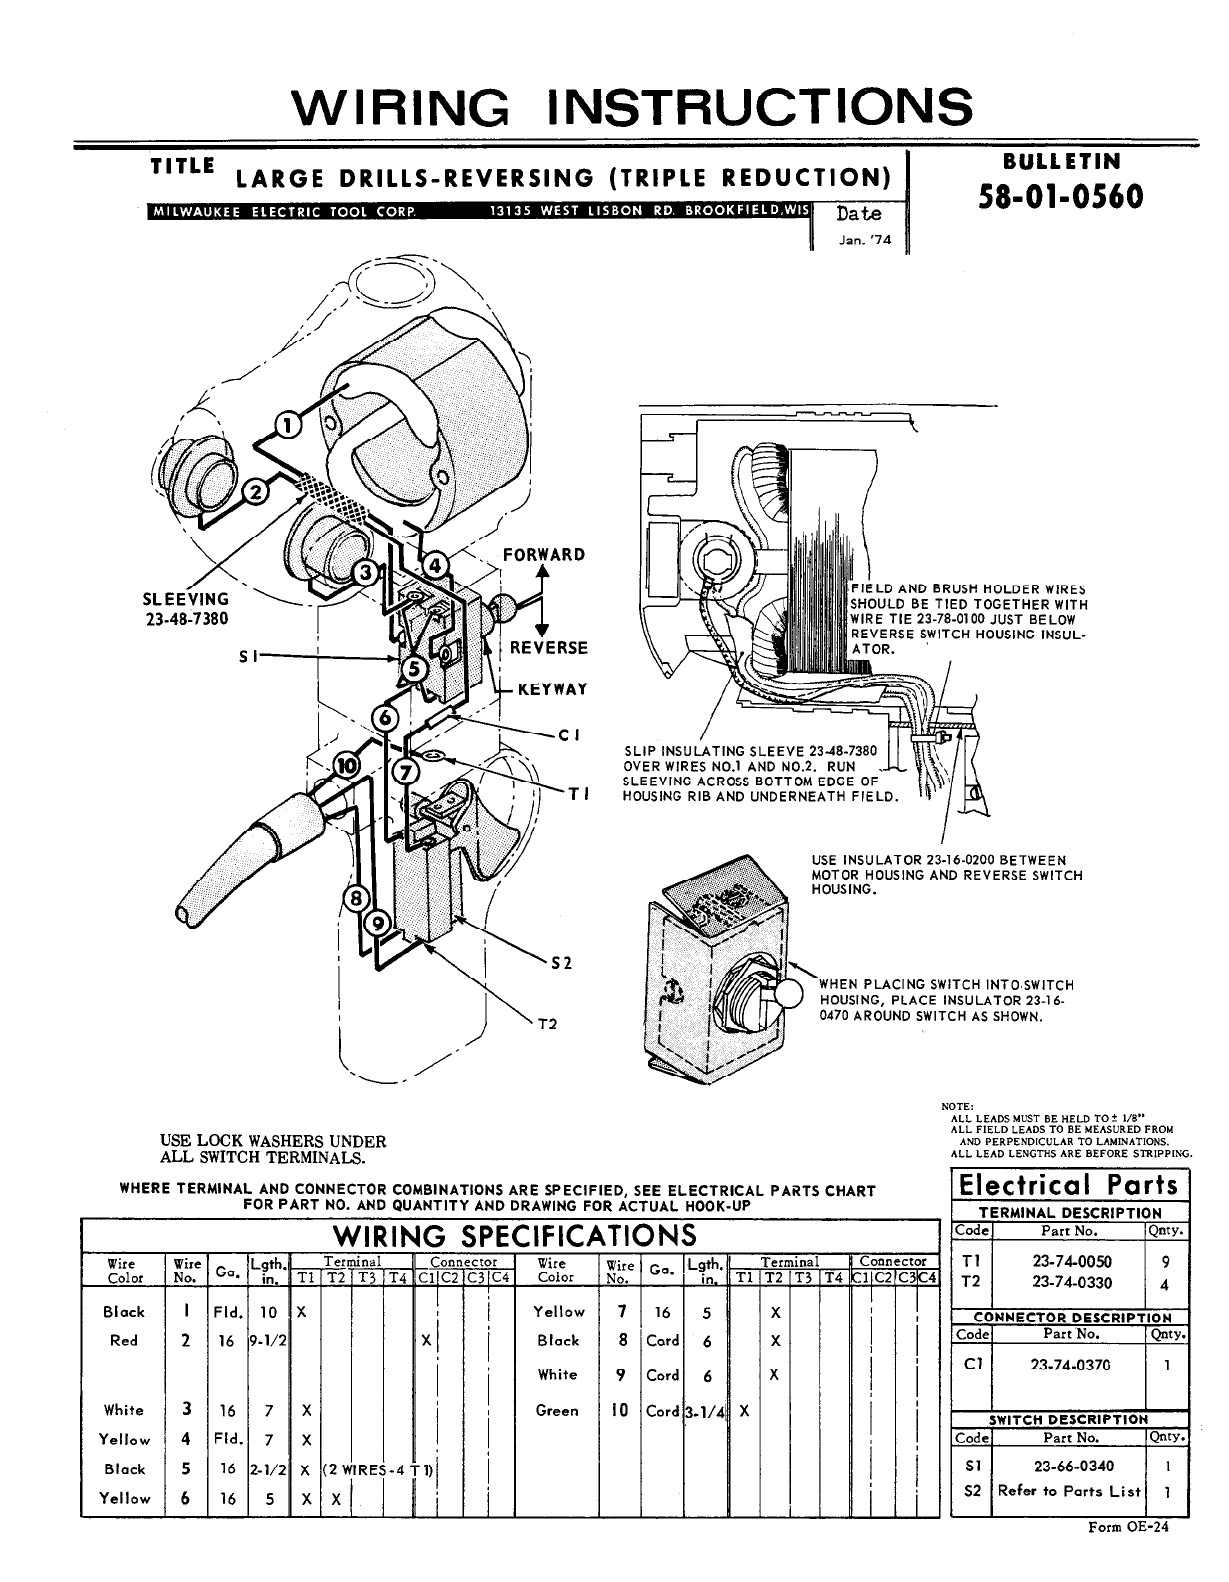 Fletcher Drills Wire Schematics Wiring Diagram for Milwaukee Drill Wiring Diagram